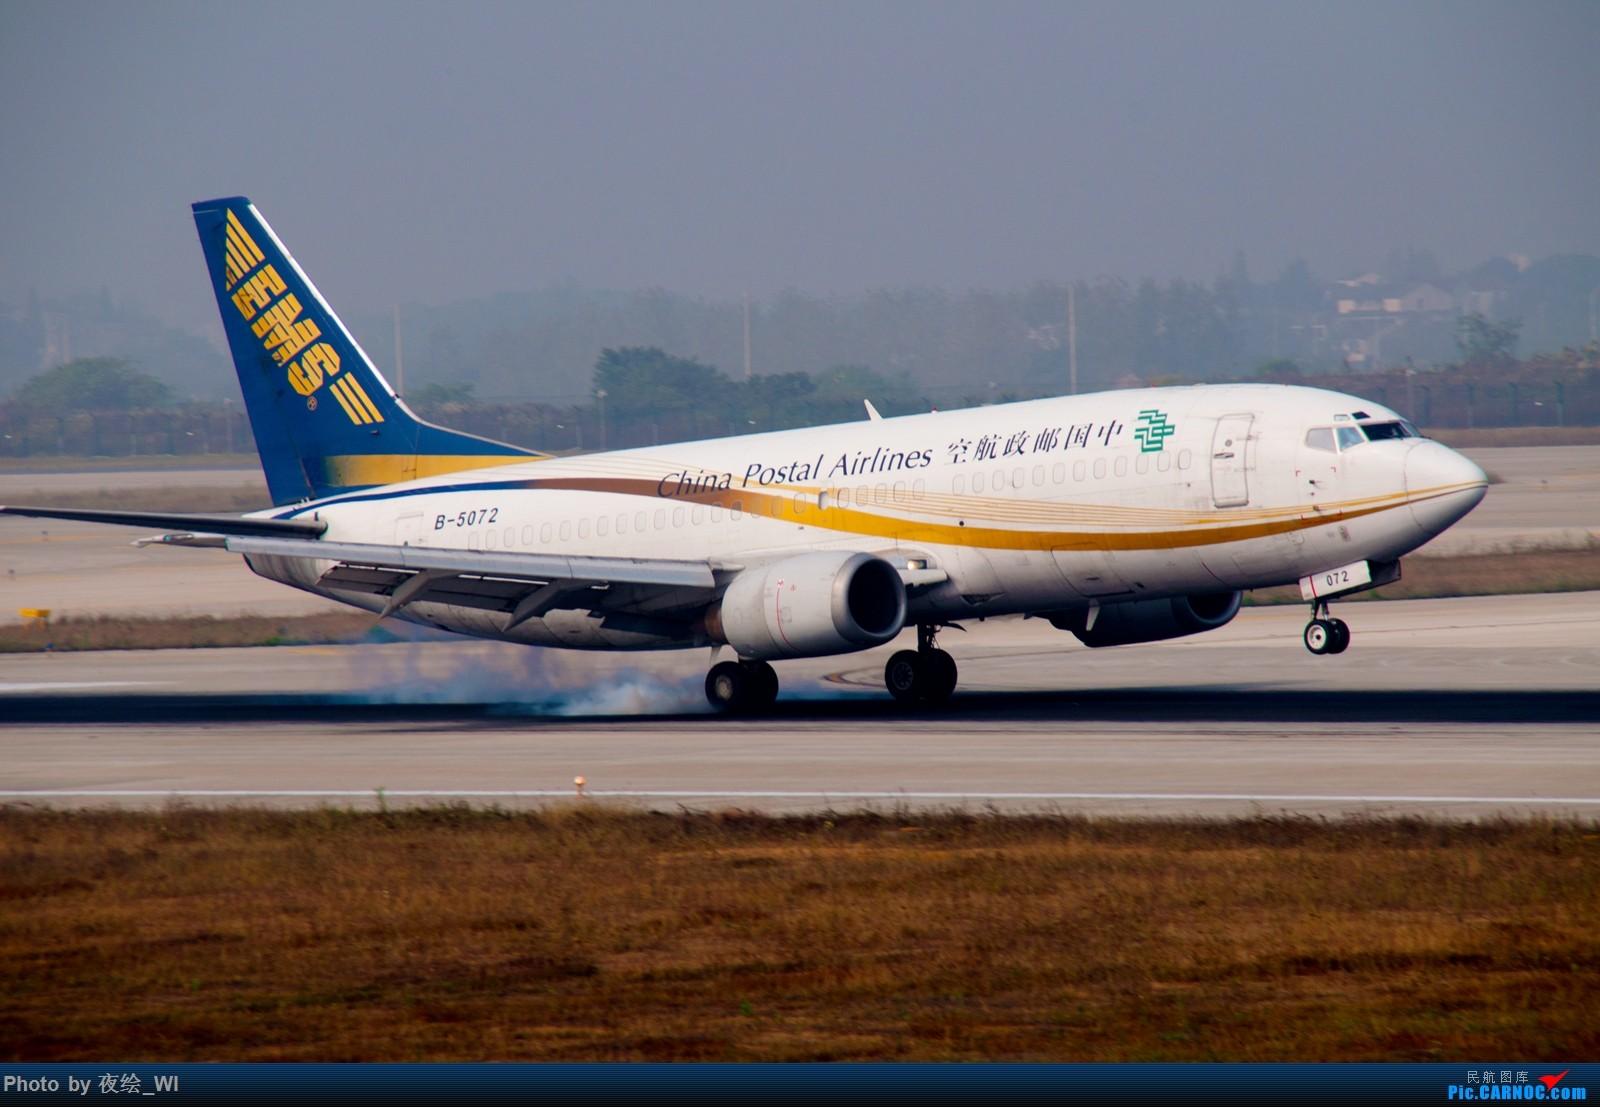 Re:[原创]【NKG】生日第二天就去拍机,日常练手+练后期,今天是胶片味 BOEING 737-300 B-5072 中国南京禄口国际机场